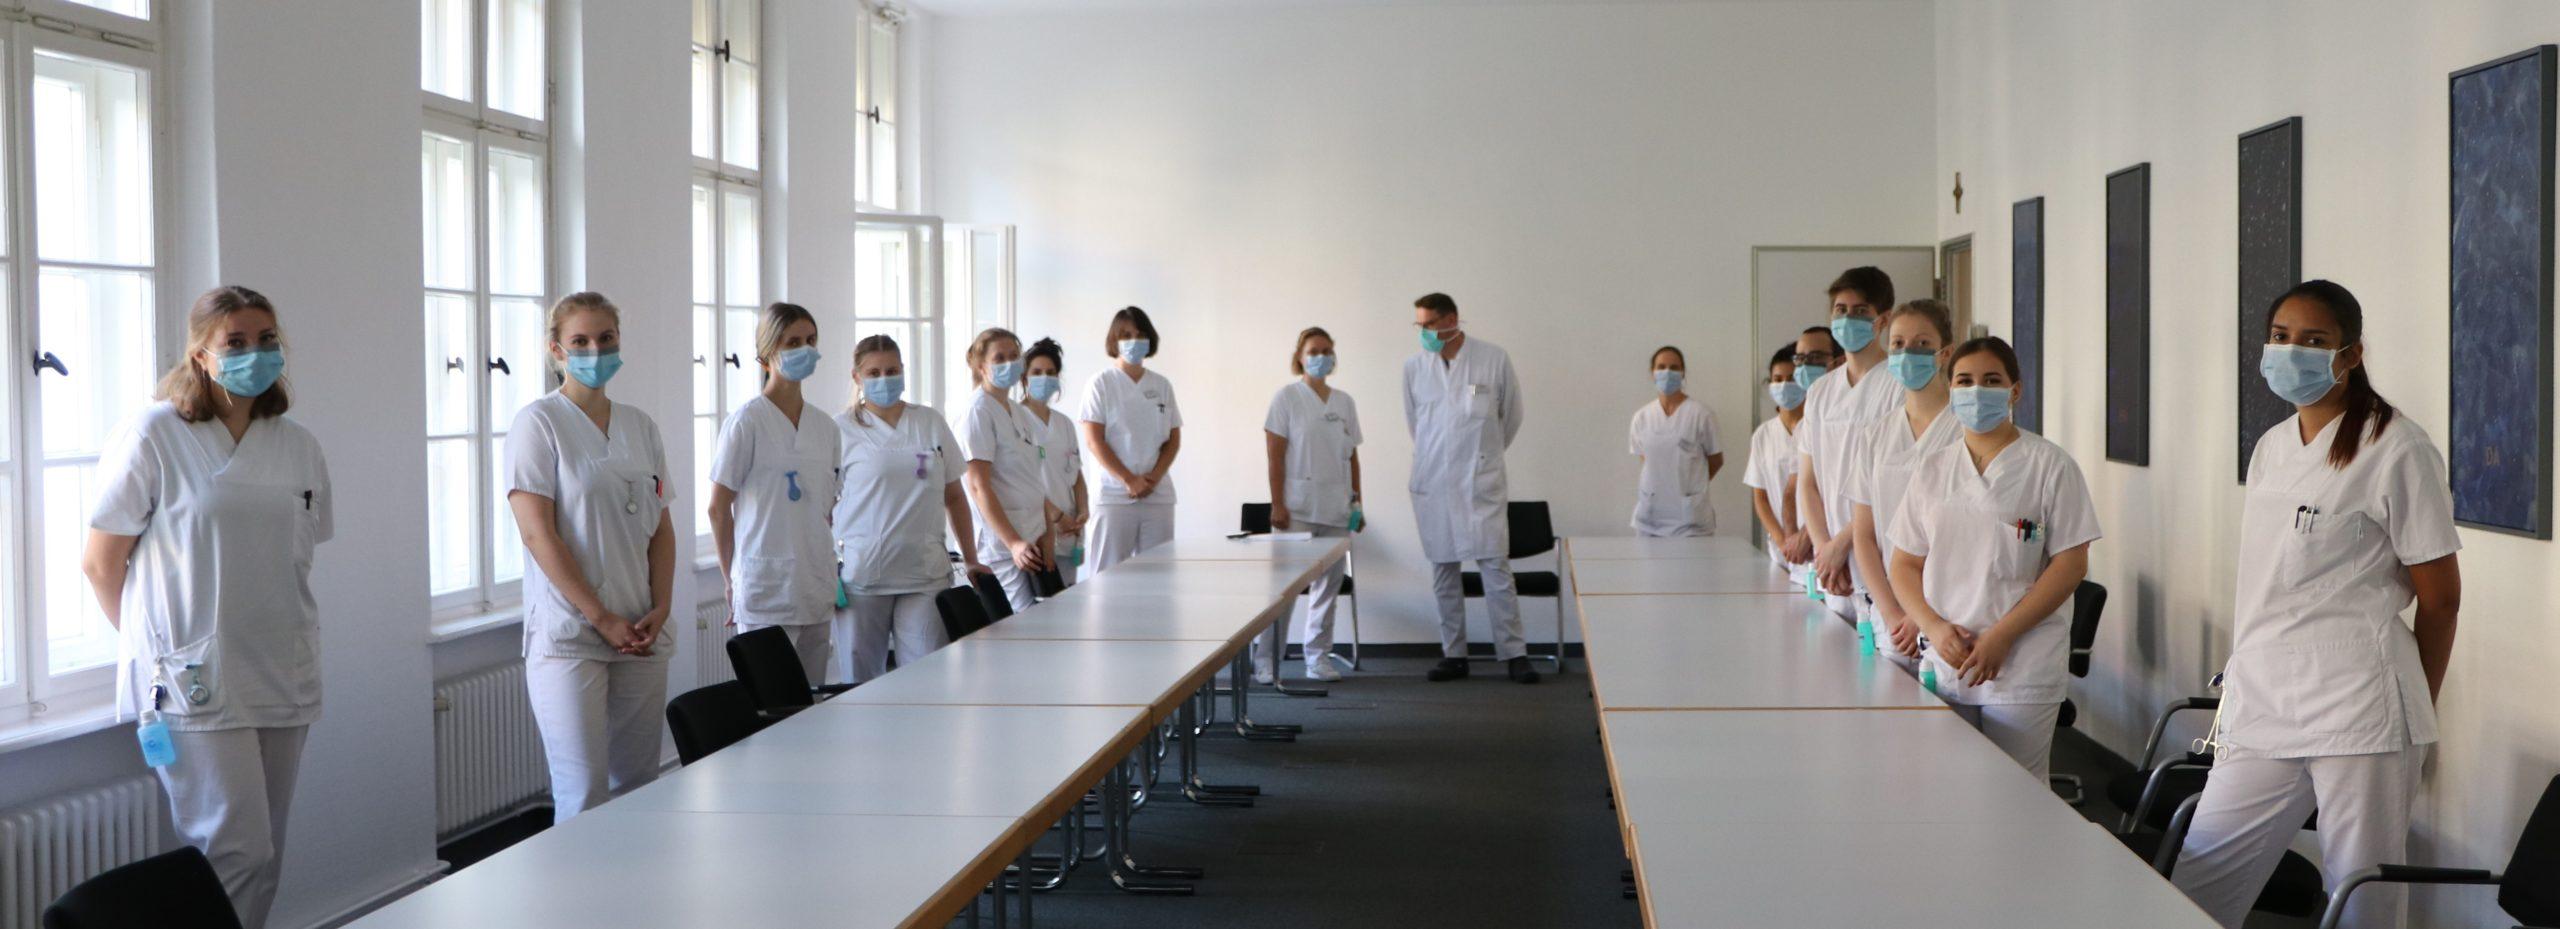 Neue Pflegekräfte | Sankt Gertrauden-Krankenhaus